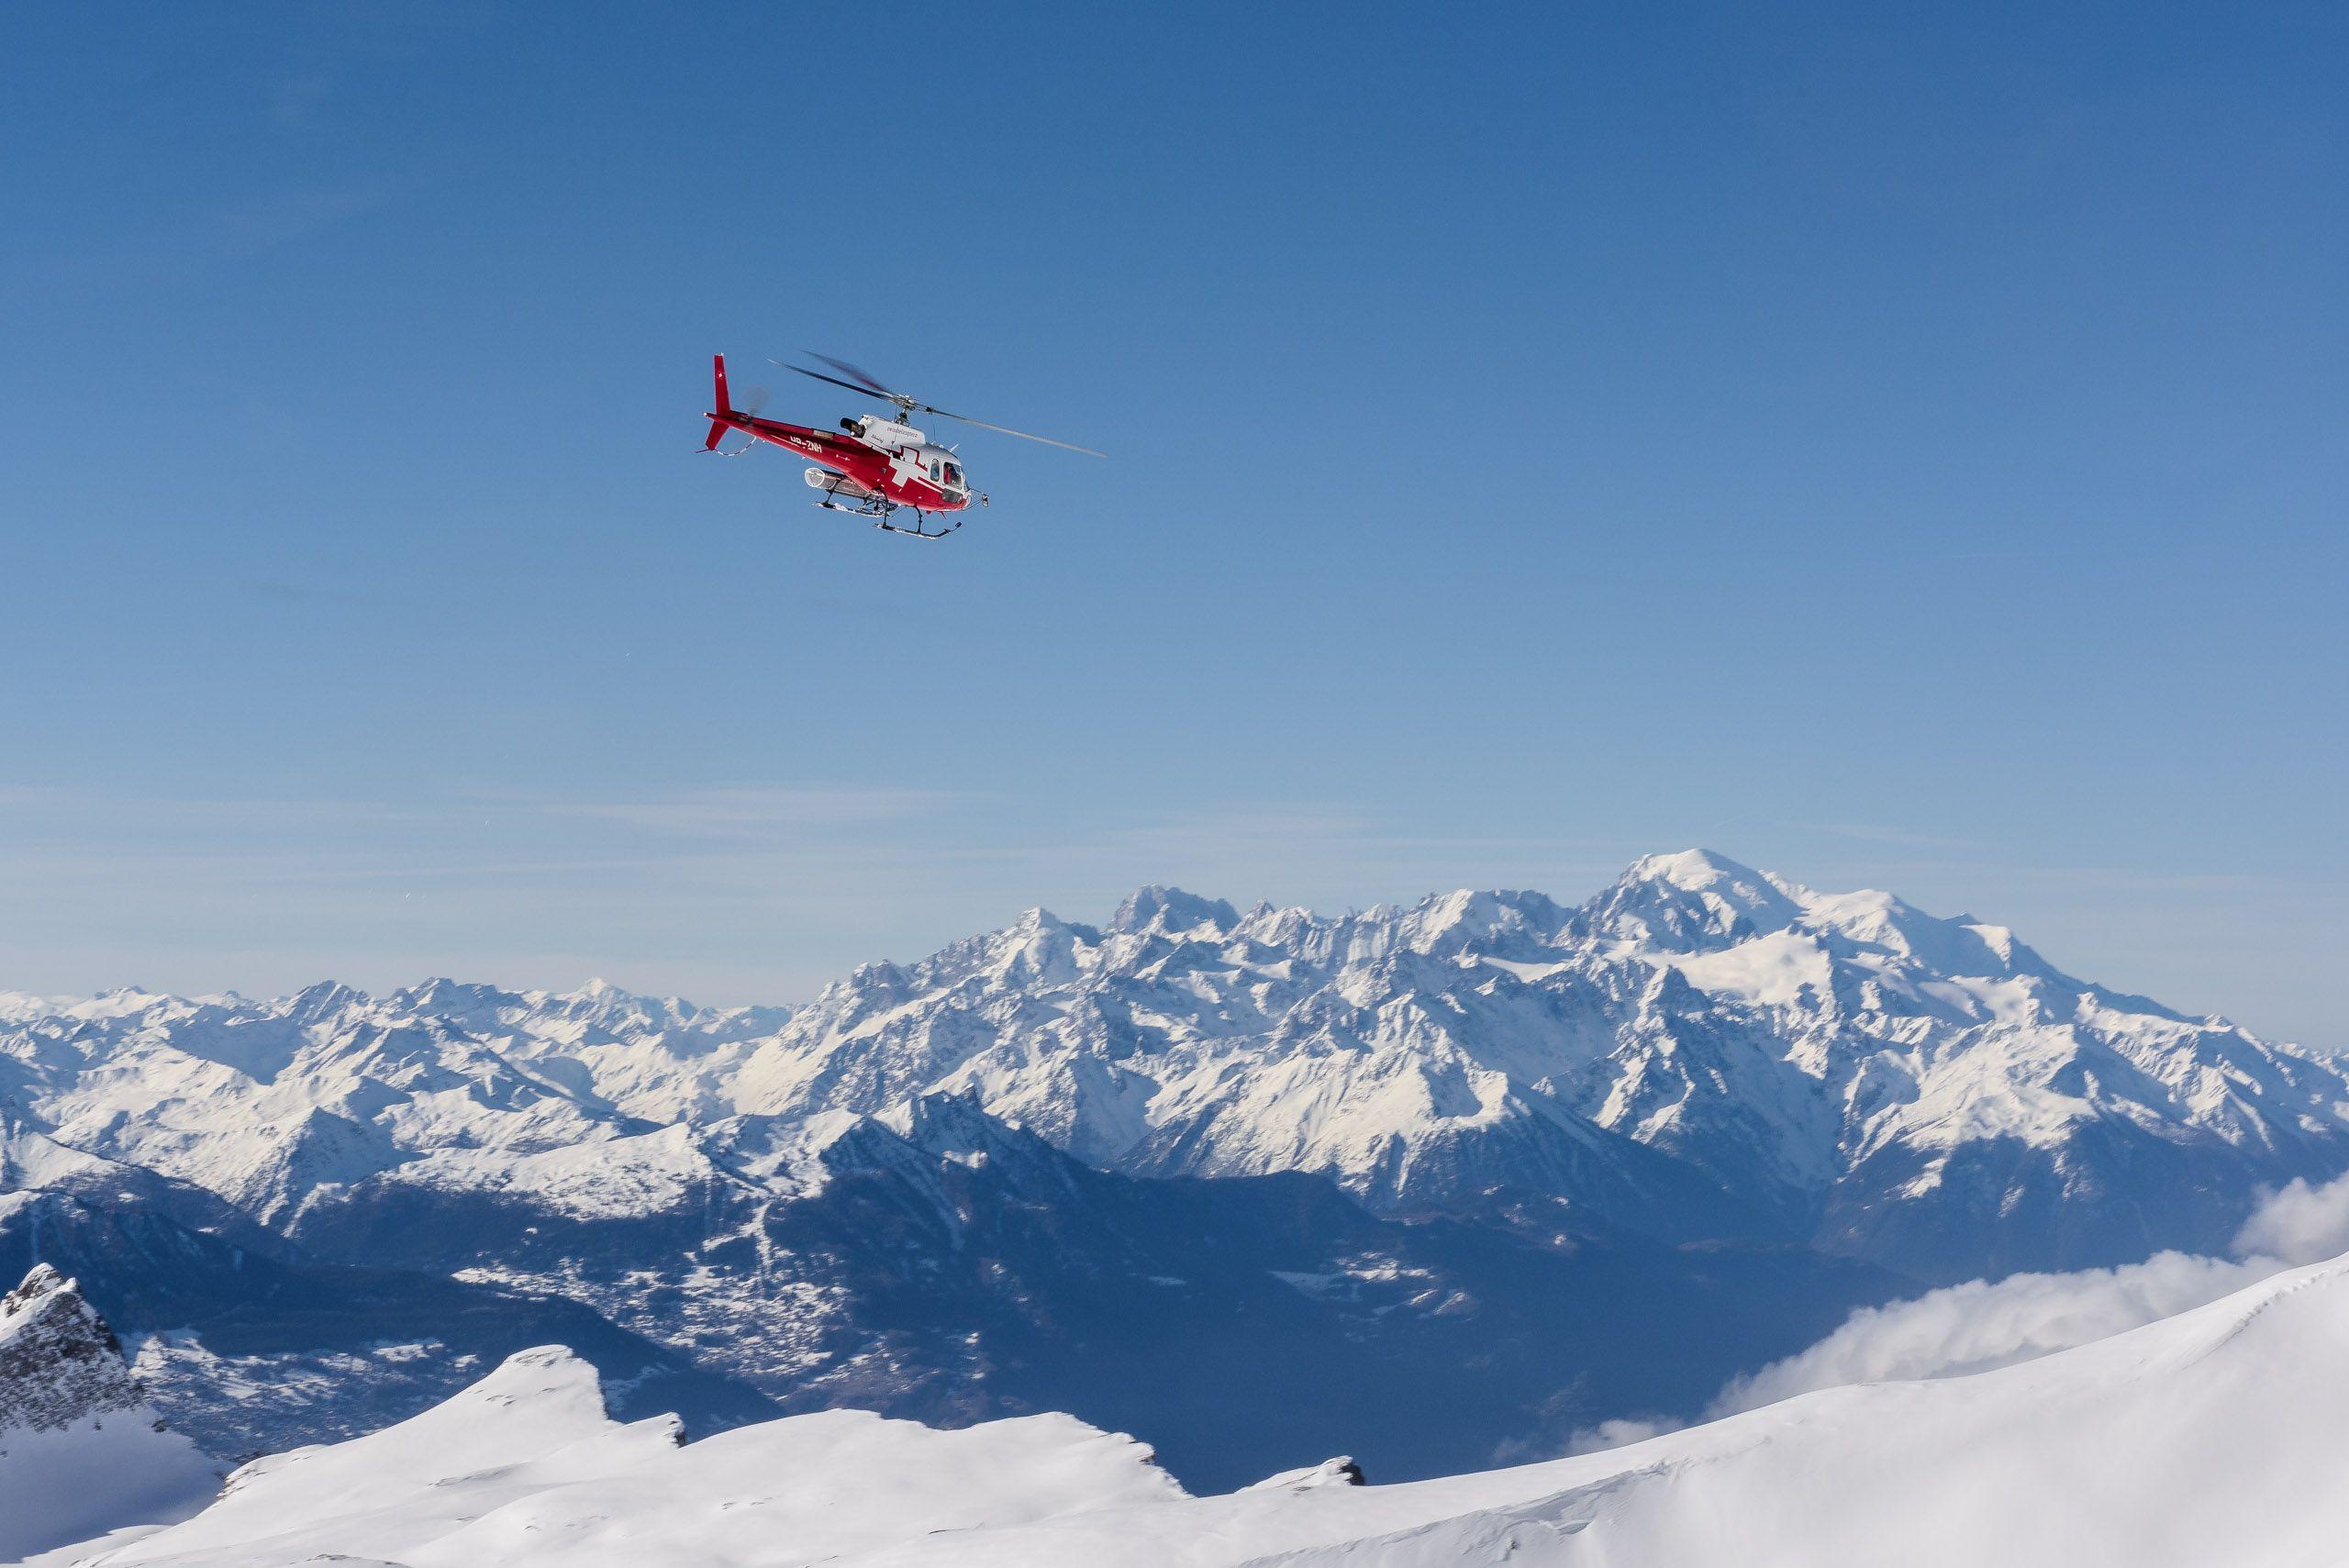 Helikopter-Rundflug-ueber-Alpen